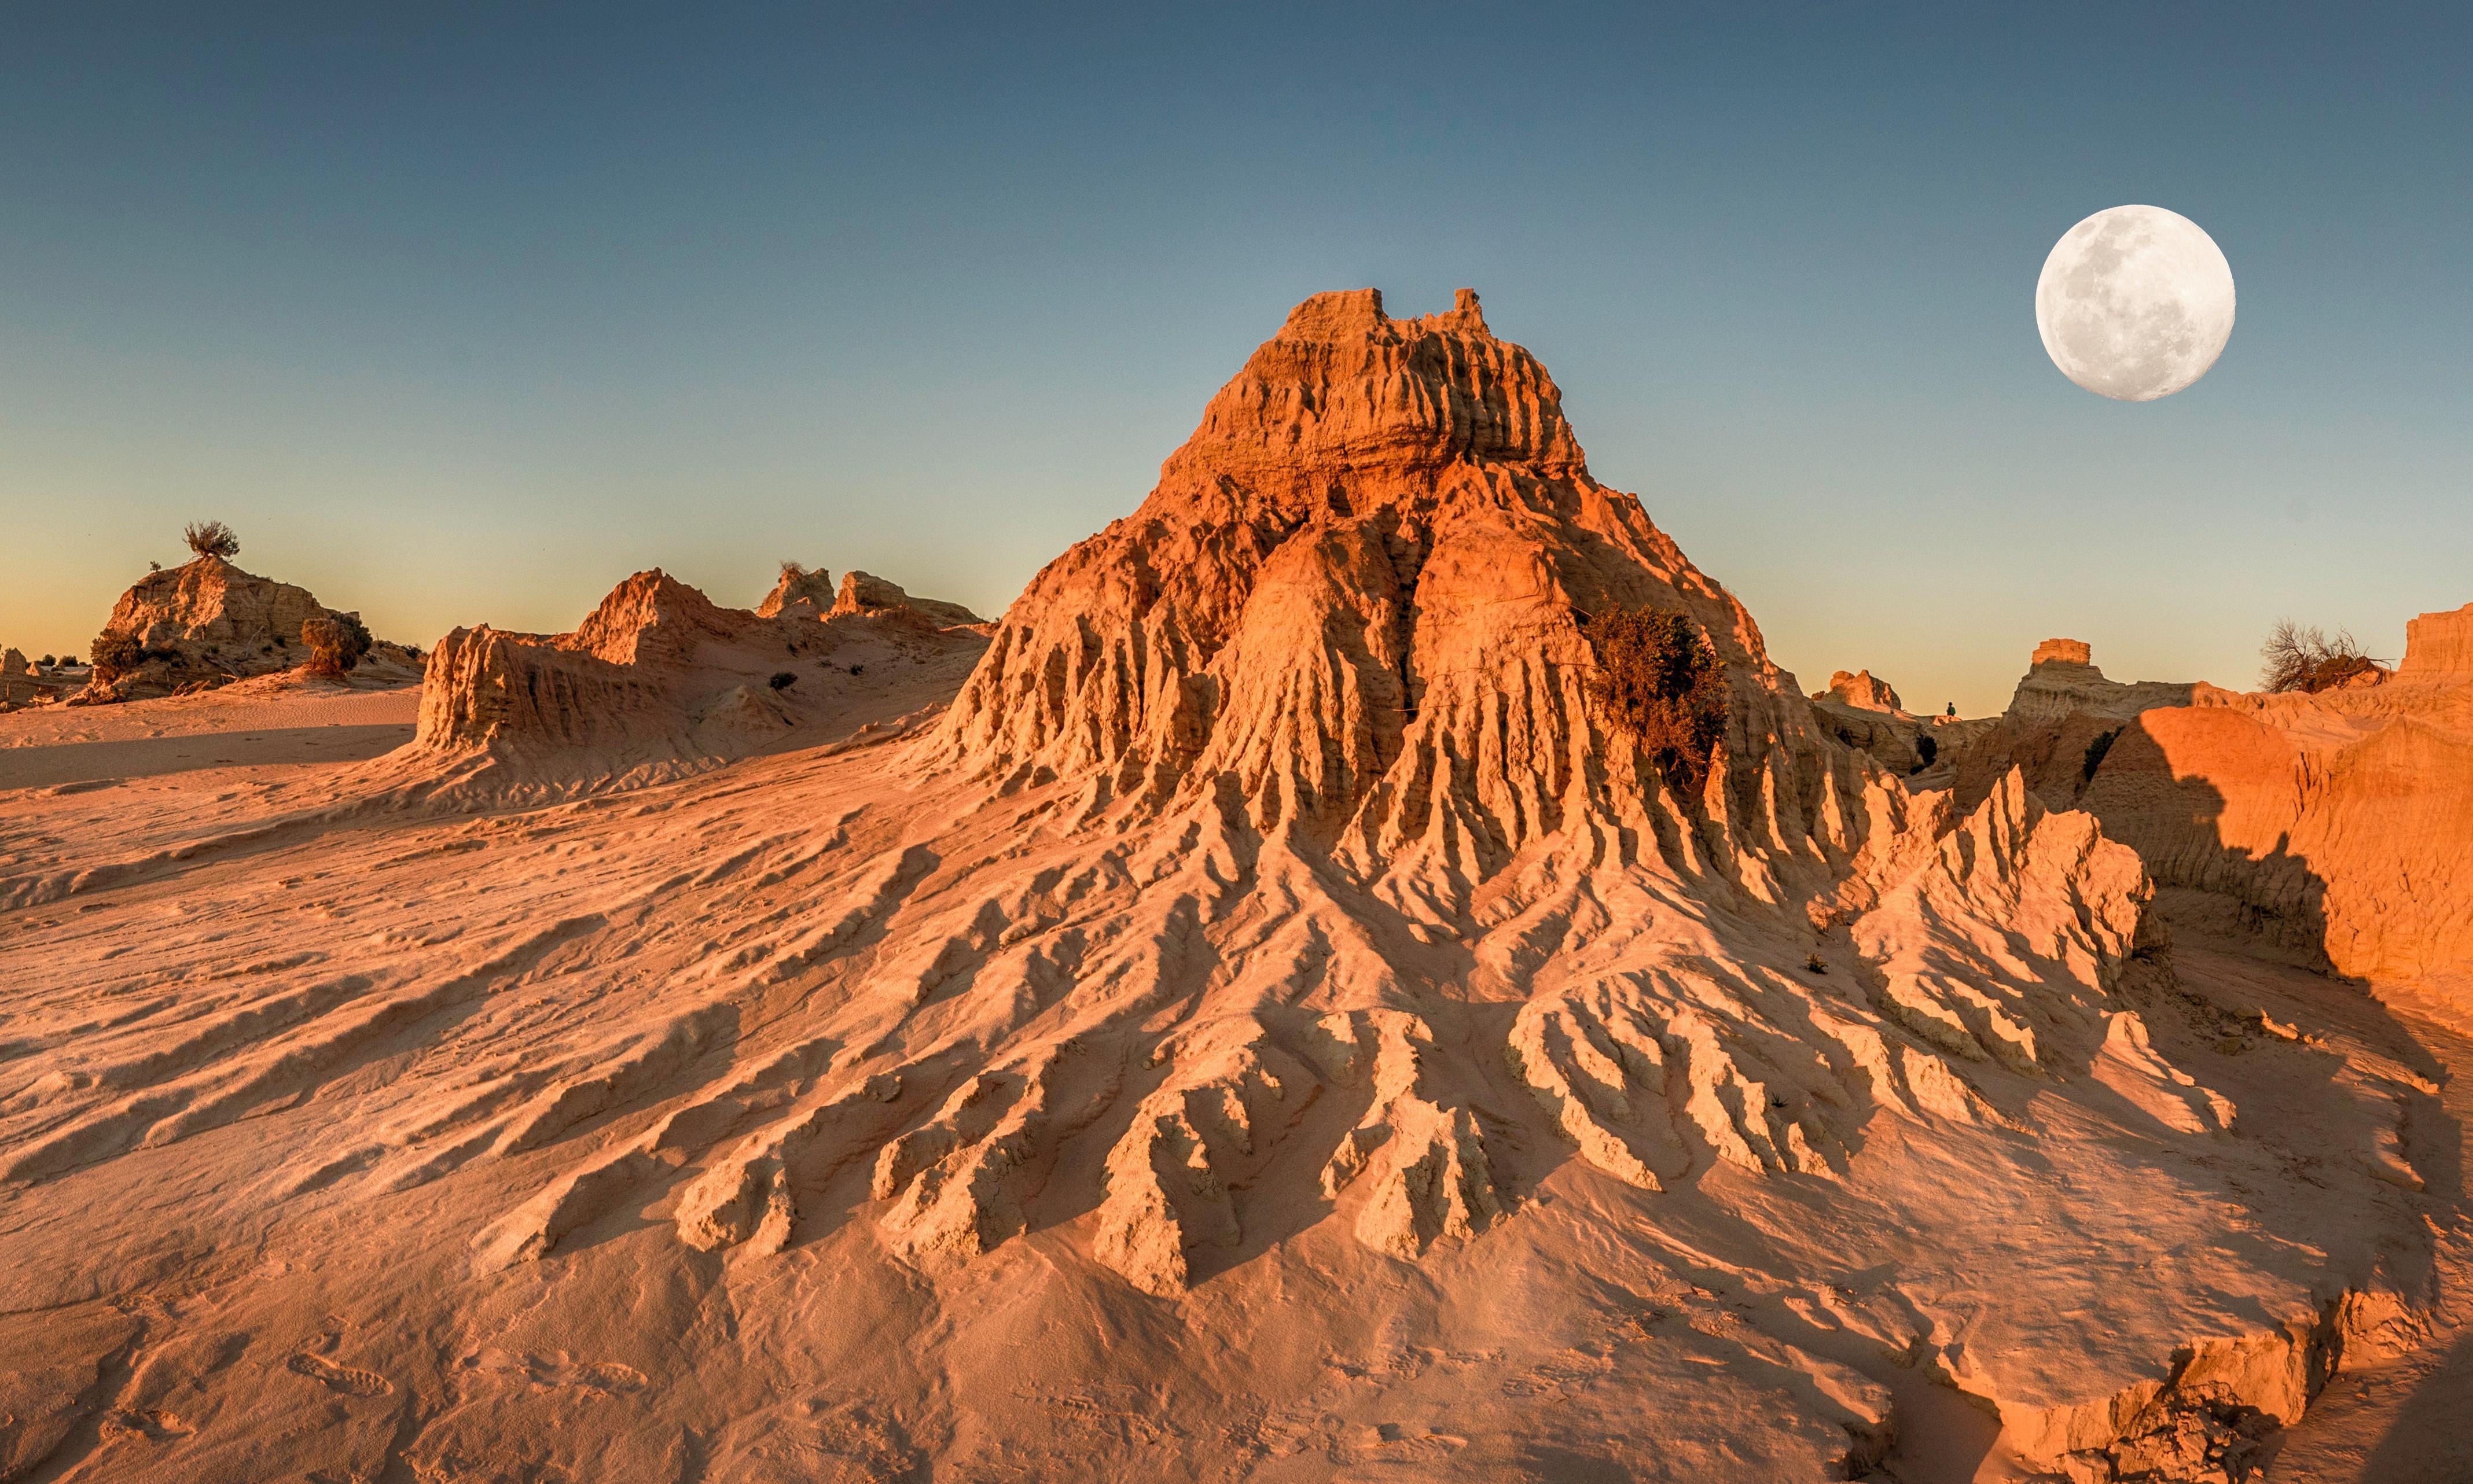 Mungo national park: where alien landscapes reveal ancient culture